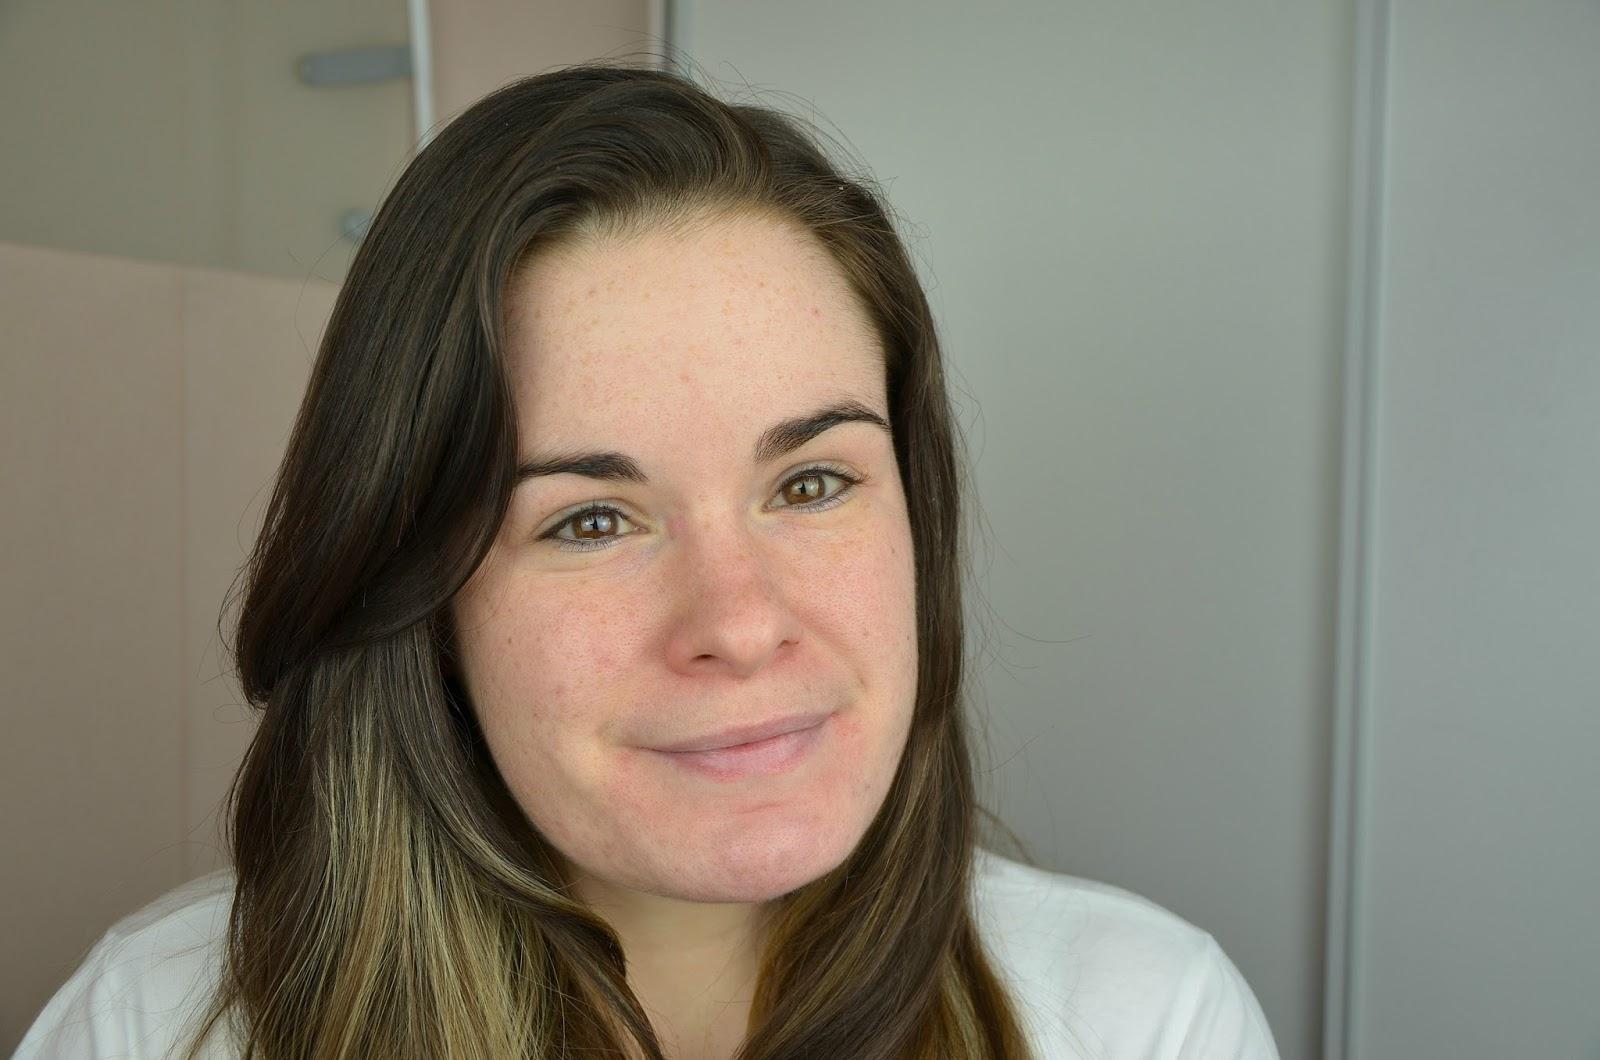 bilan du quatrième mois de traitement contre l'acné